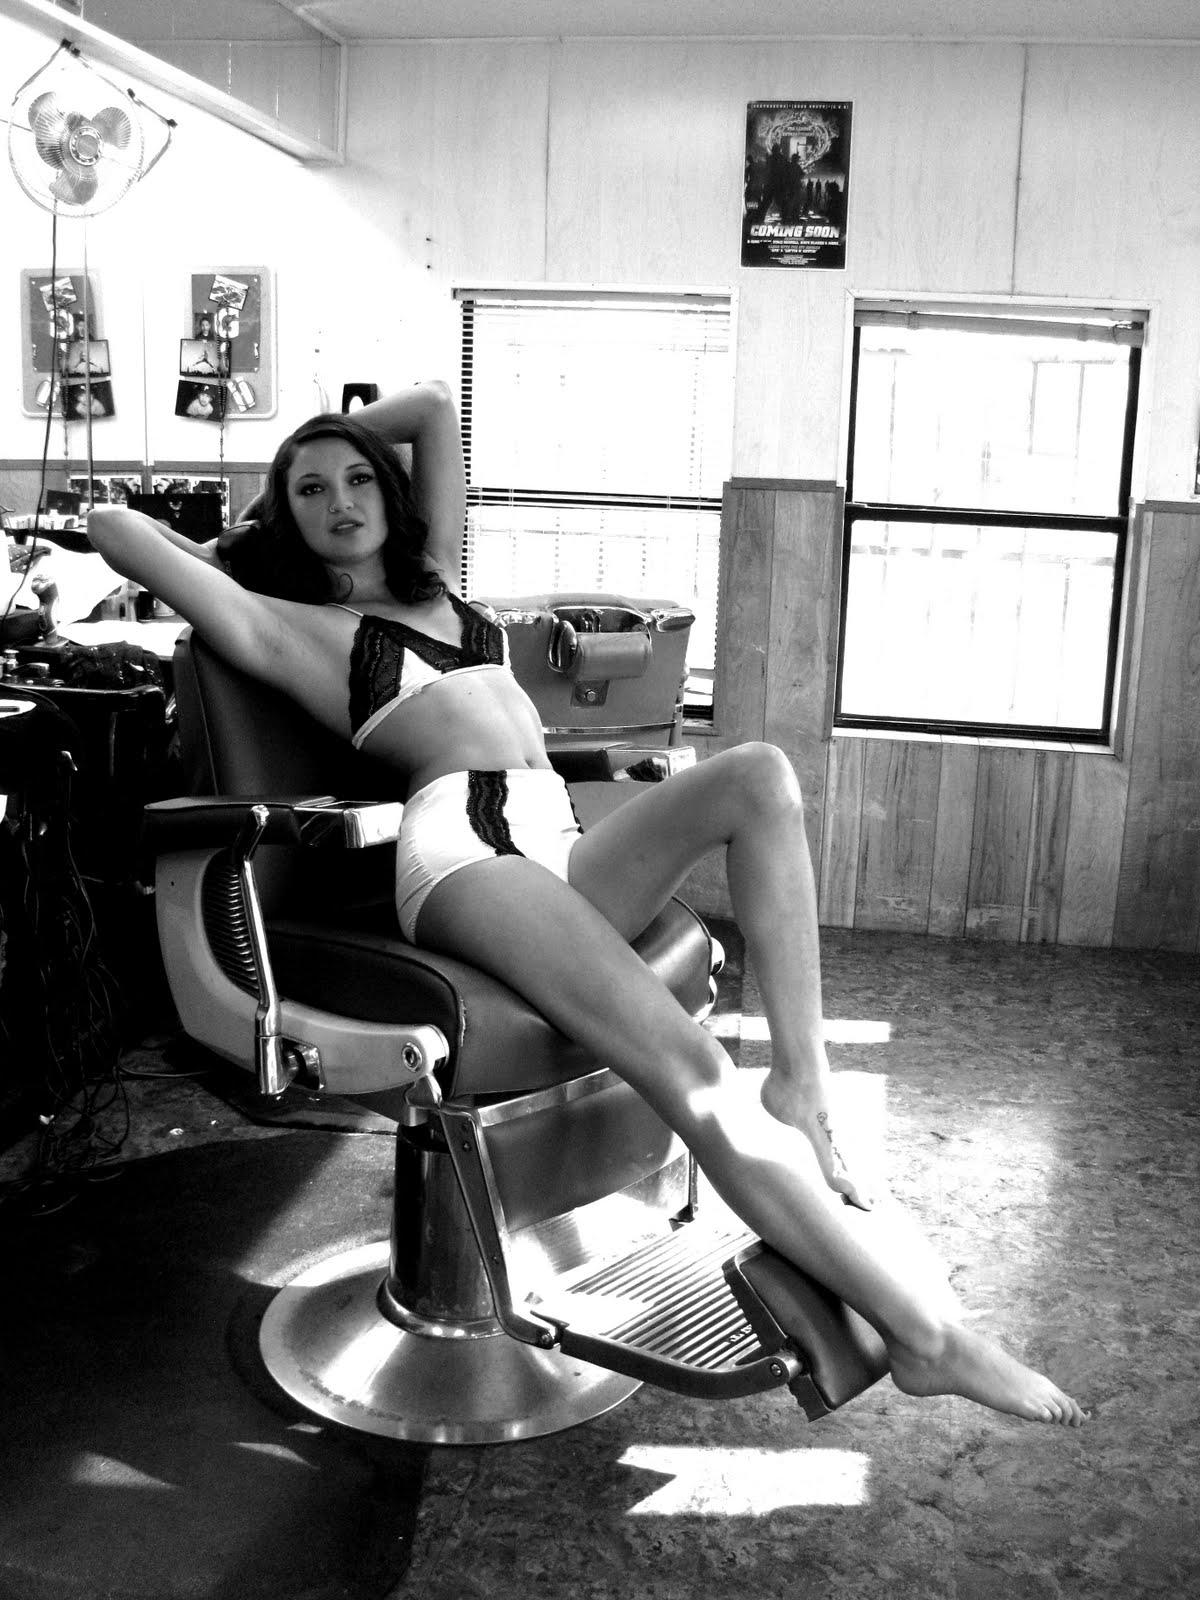 erotic barber